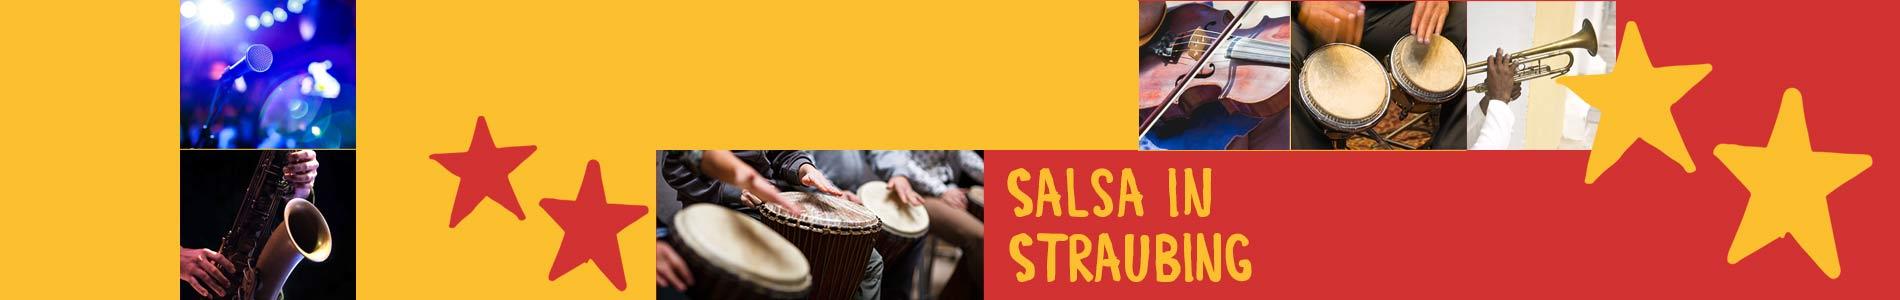 Salsa in Straubing – Salsa lernen und tanzen, Tanzkurse, Partys, Veranstaltungen